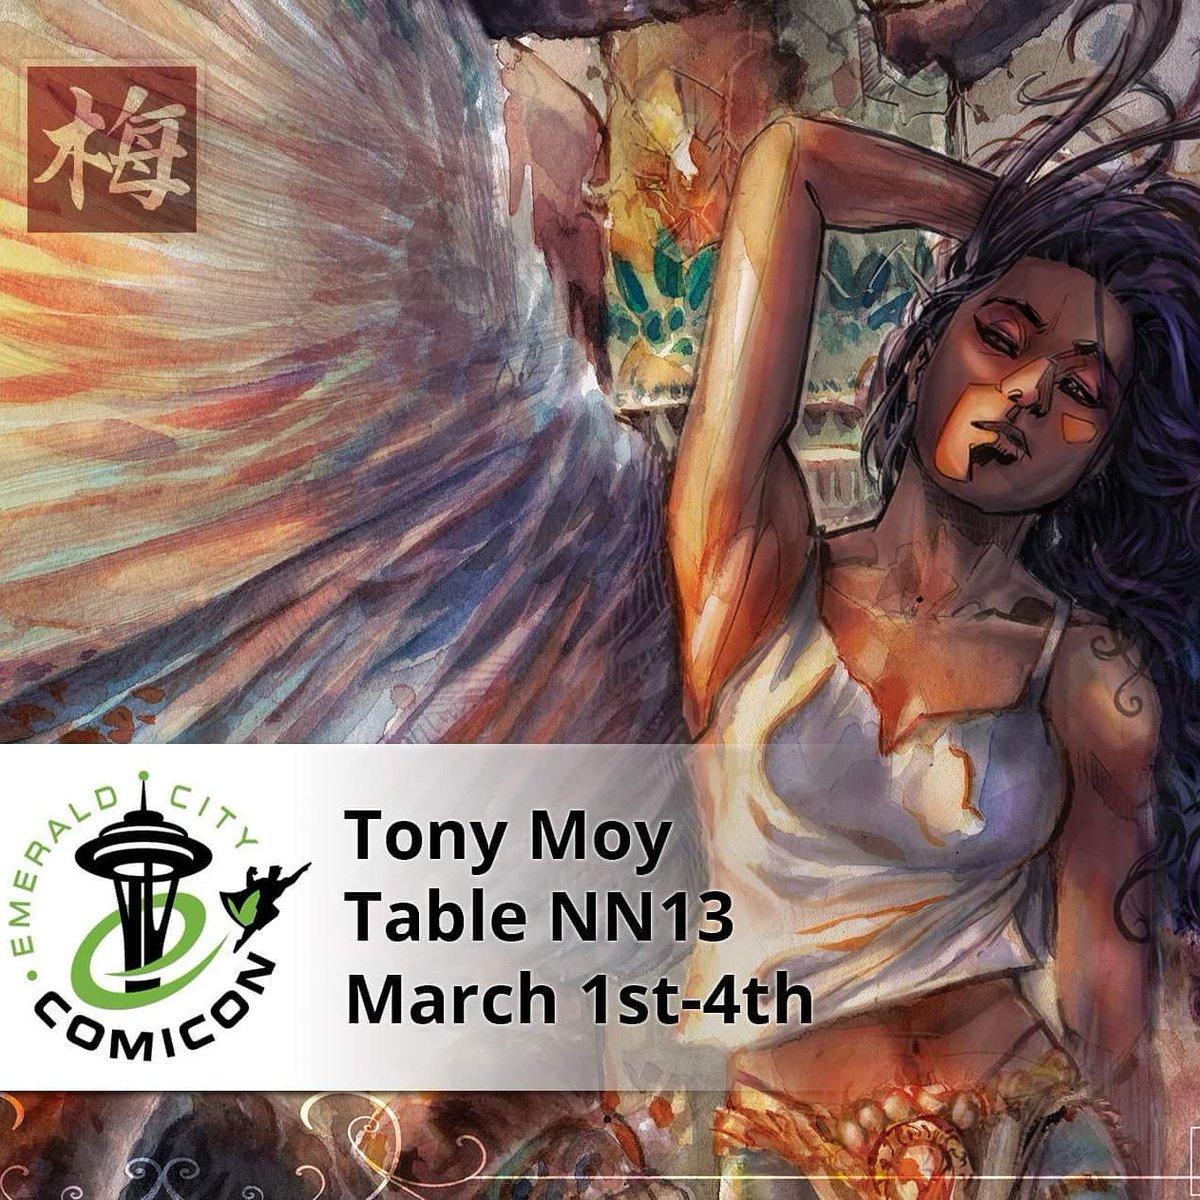 Tony Moy |Phoenix on, DenverCon, heroescon on Twitter: